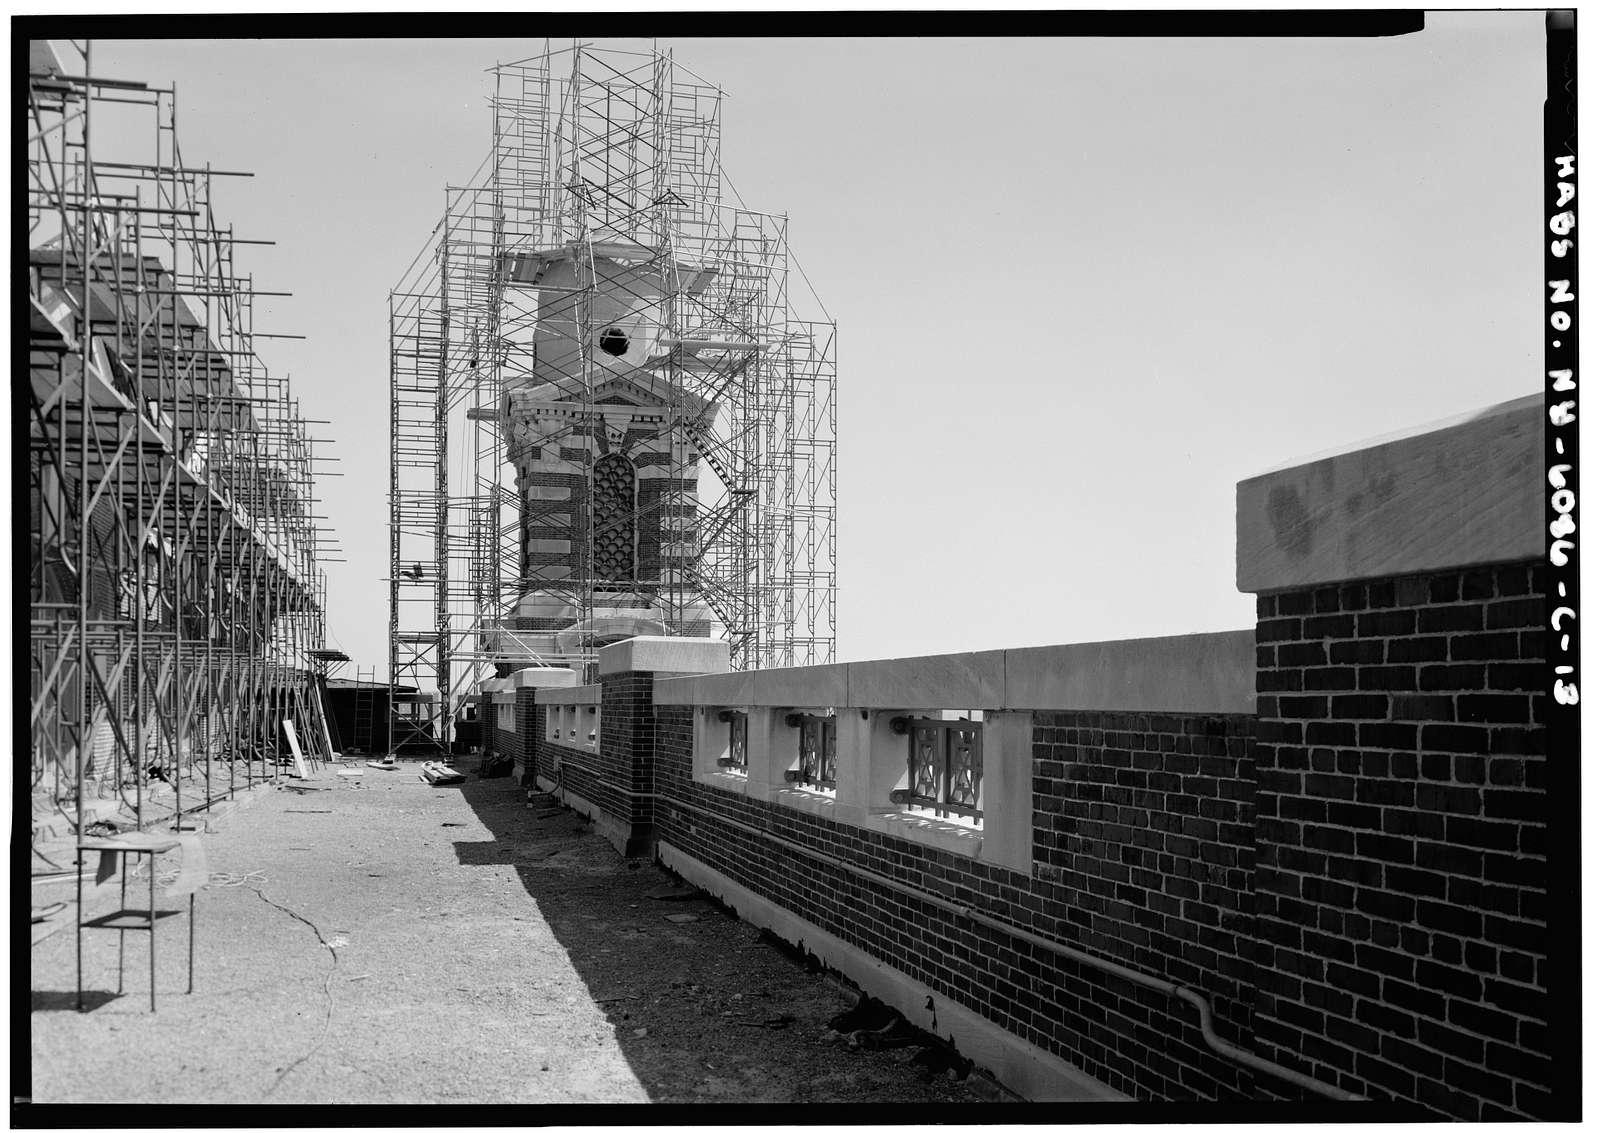 Ellis Island, Main Building, New York Harbor, New York, New York County, NY